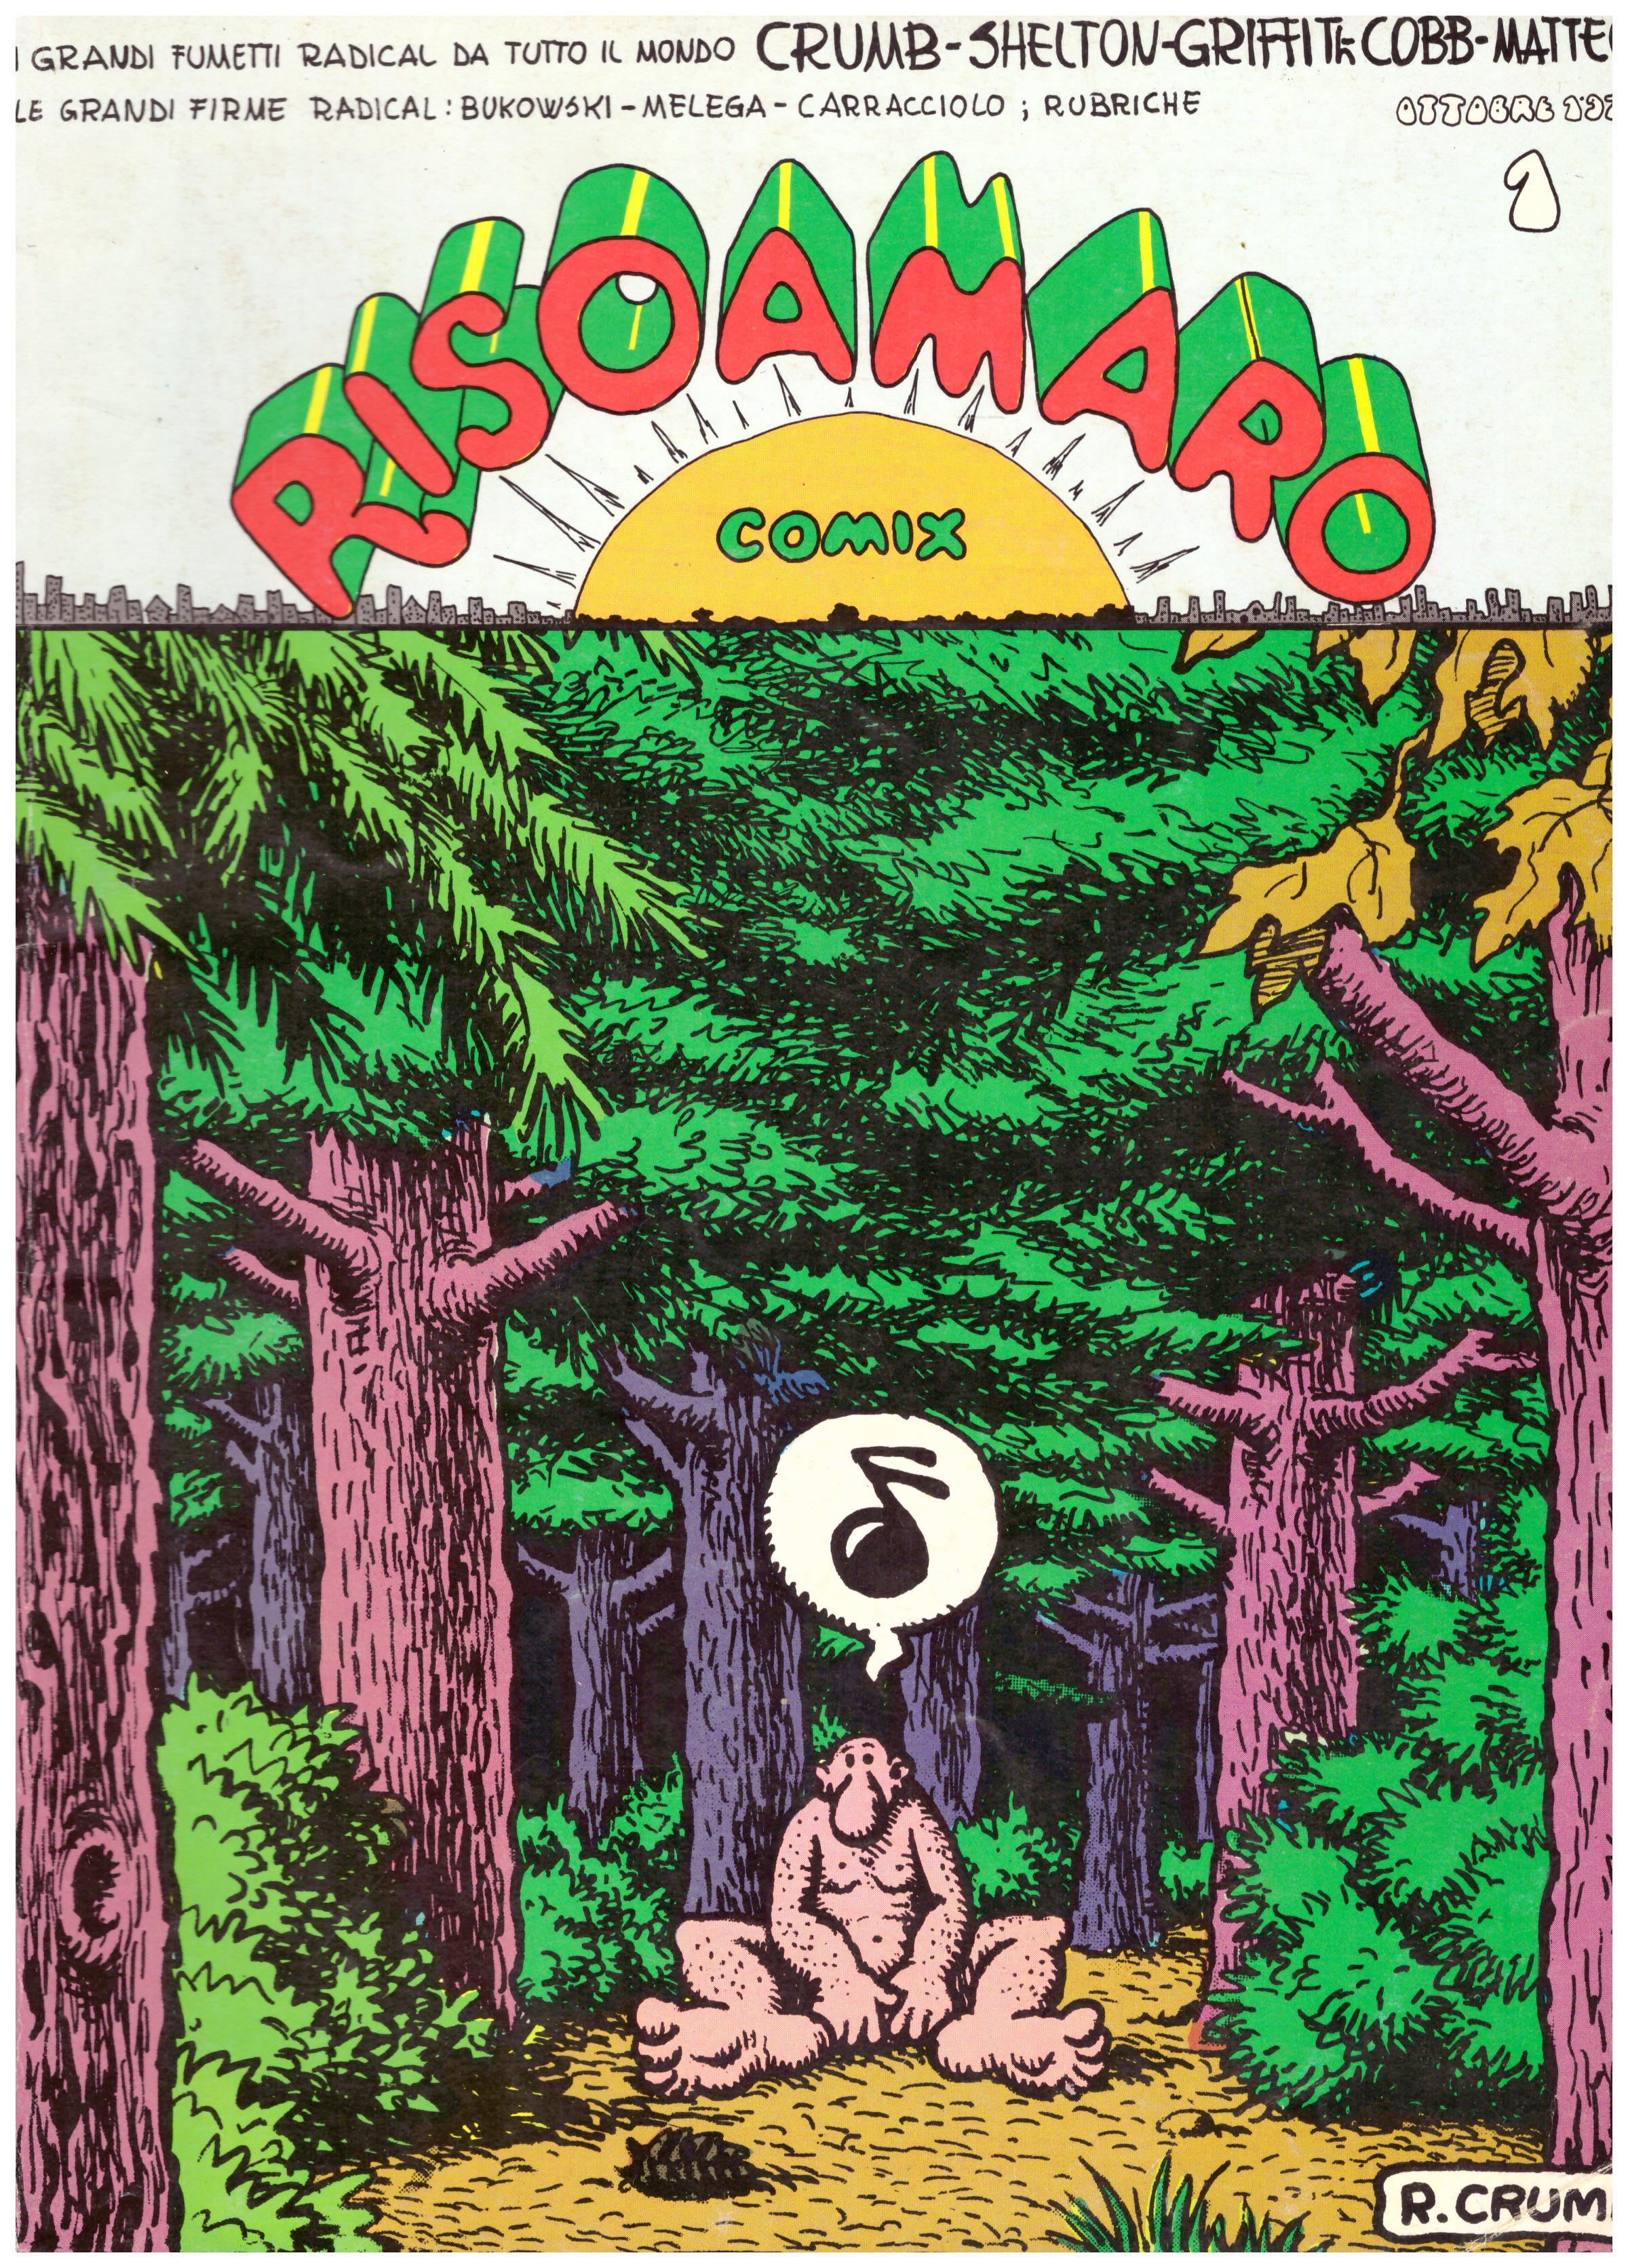 Titolo: Risoamaro Comix Autore: R. Crumb  Editore: Comix